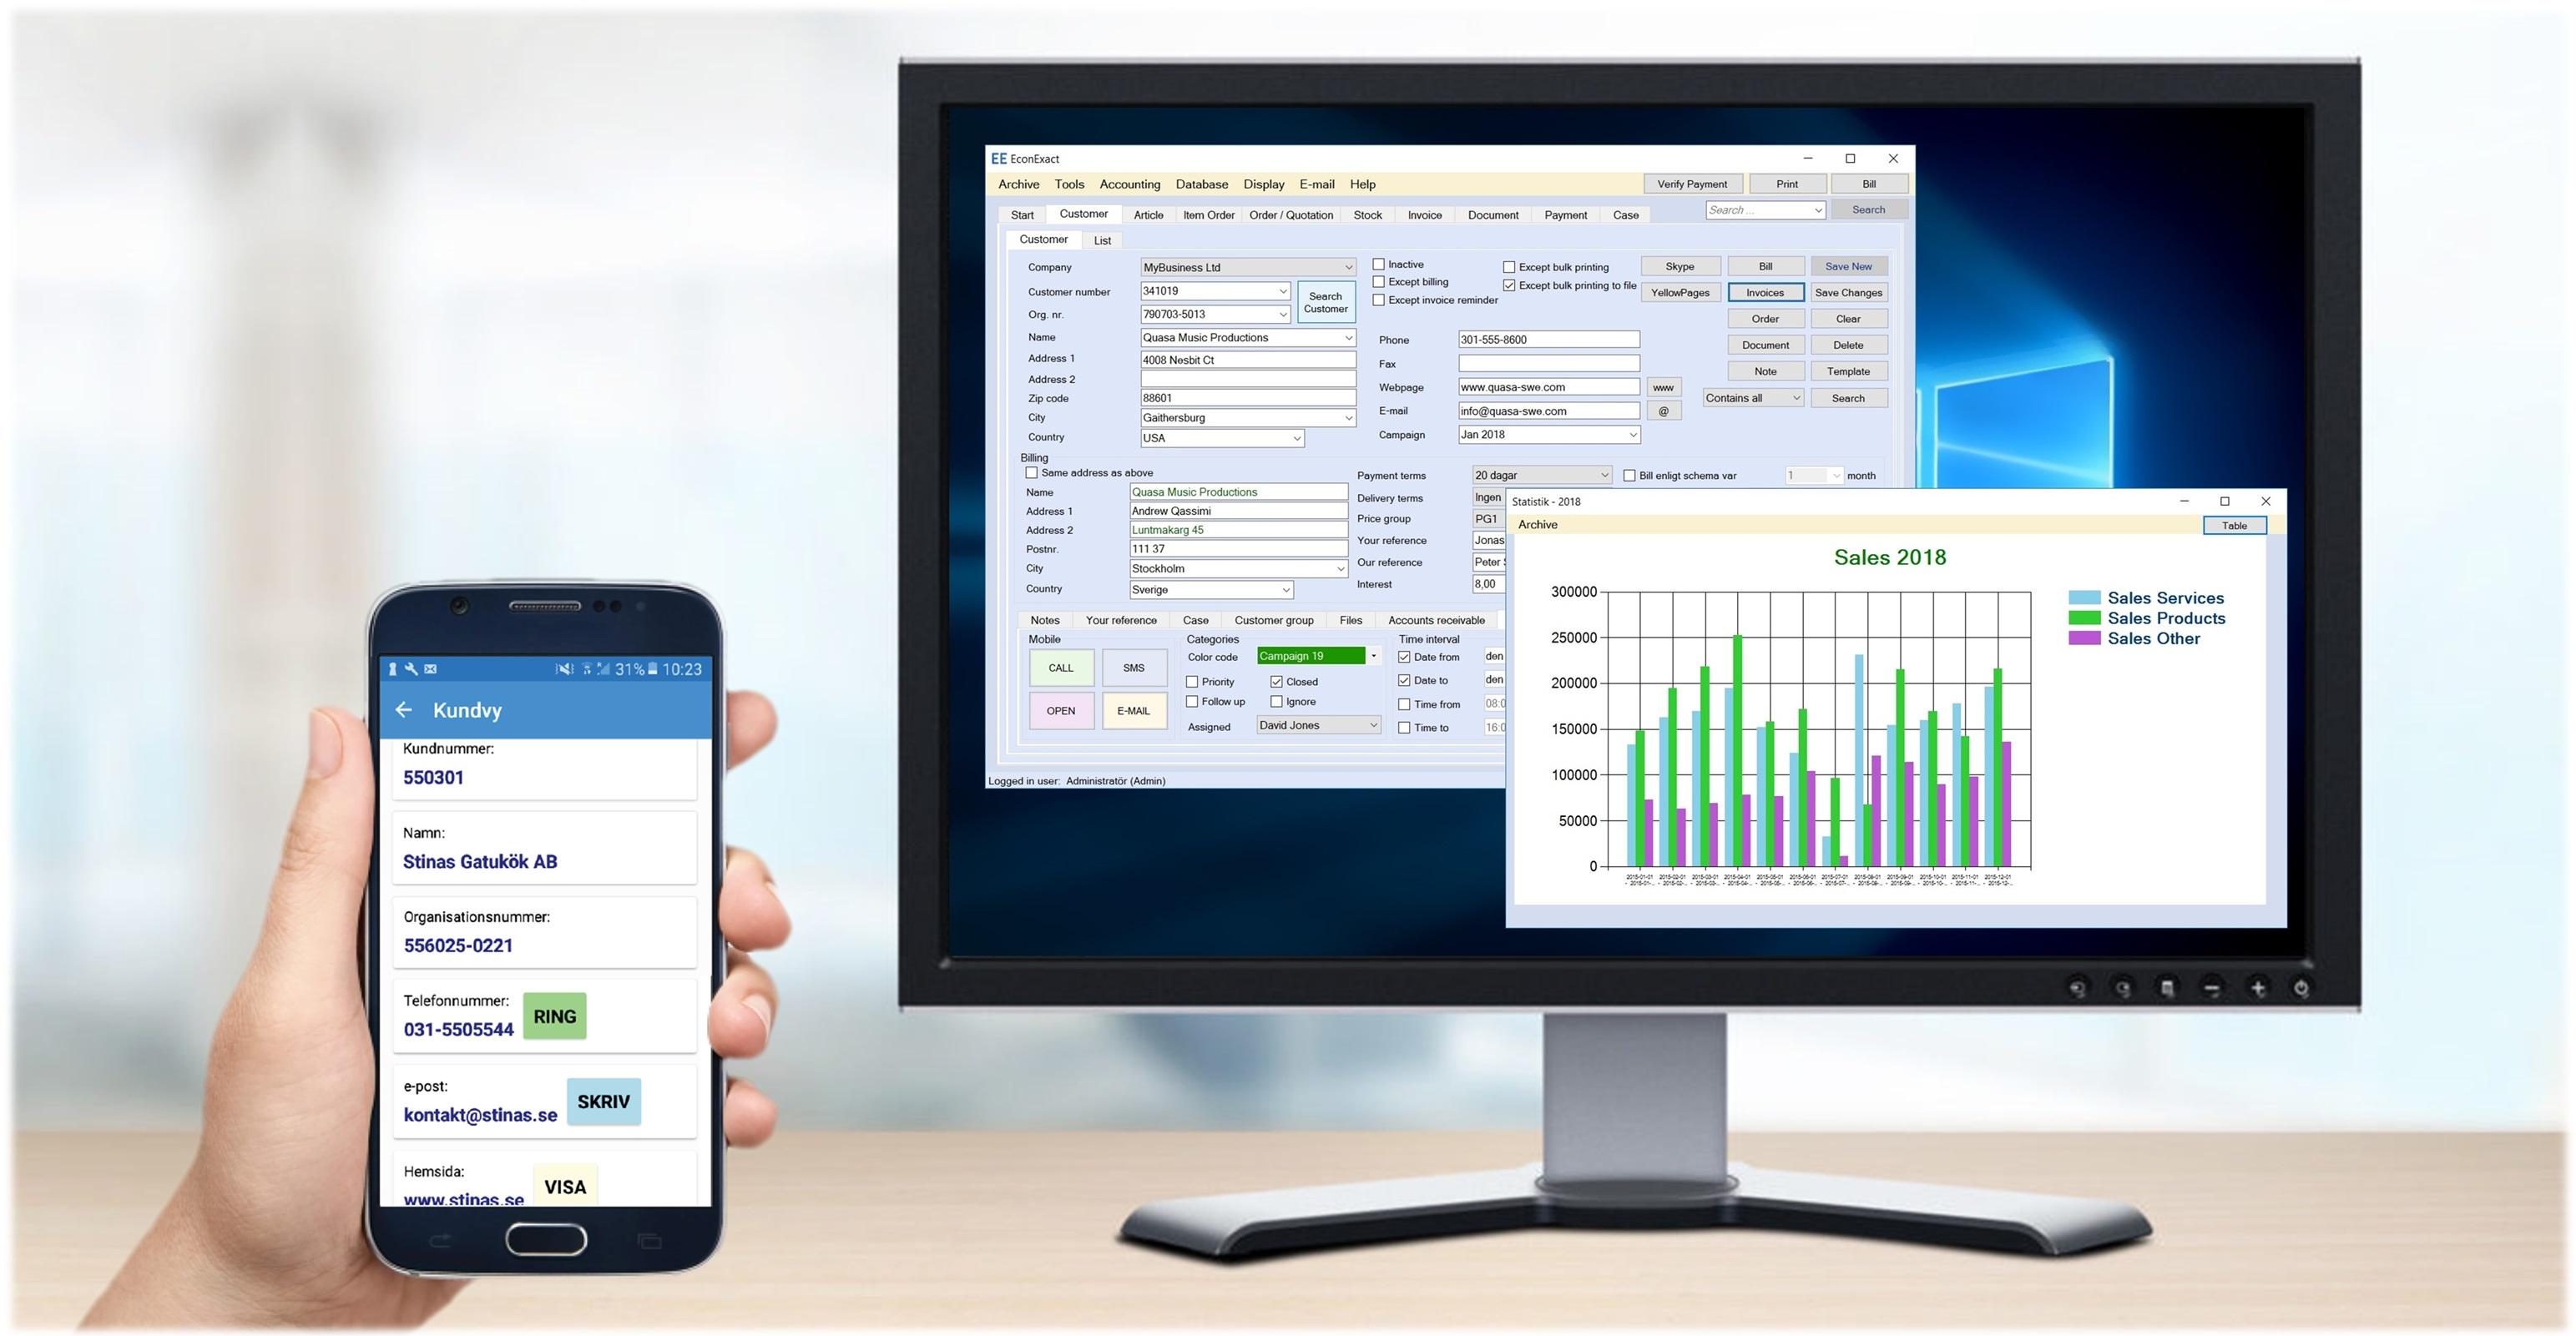 Gratis fakturaprogram till både datorn och mobilen med avtalsfakturering